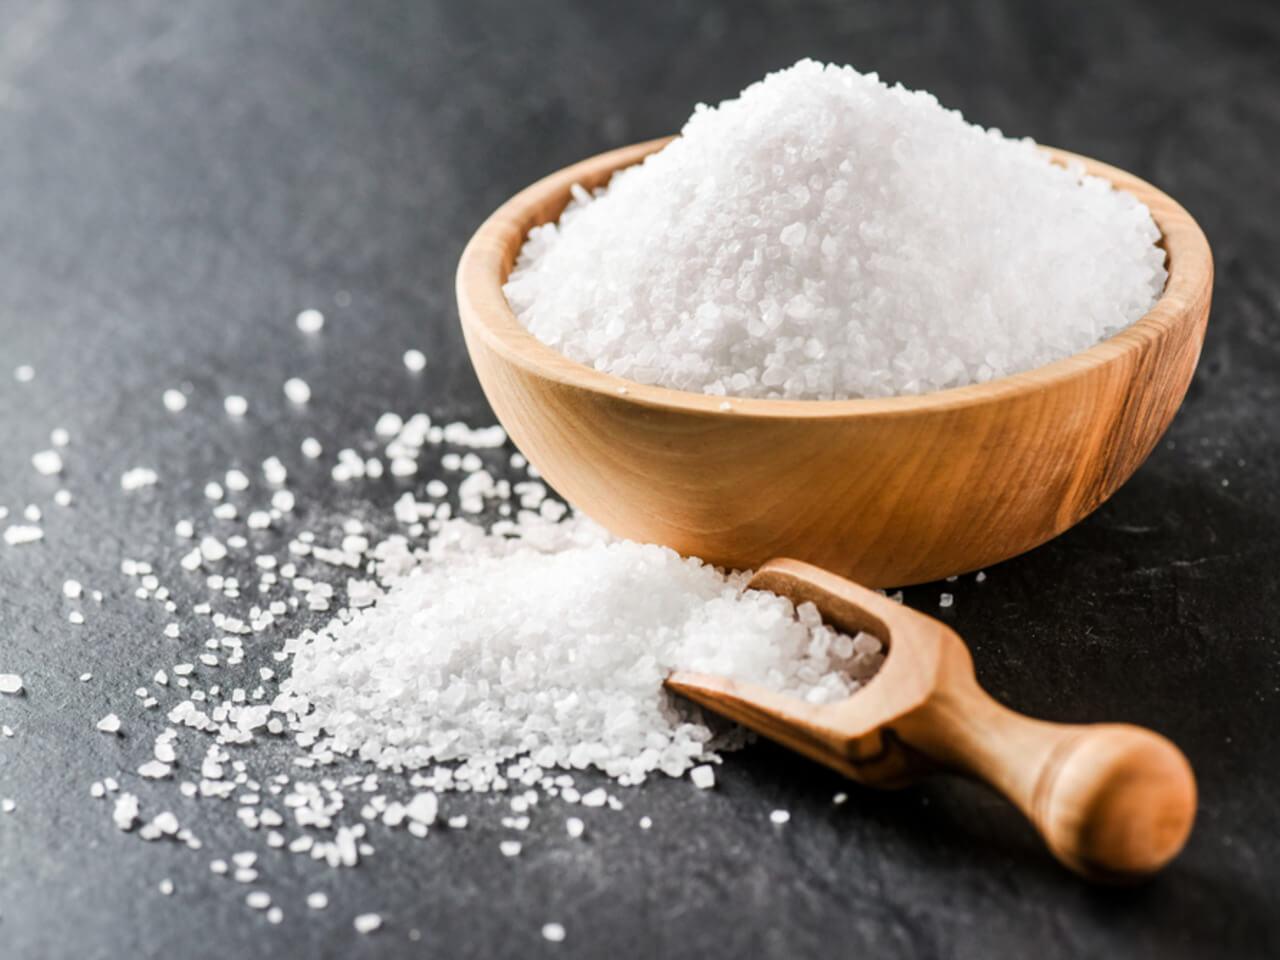 Všadeprítomná soľ: Ako pôsobí na ľudské zdravie a koľko soli denne prijať